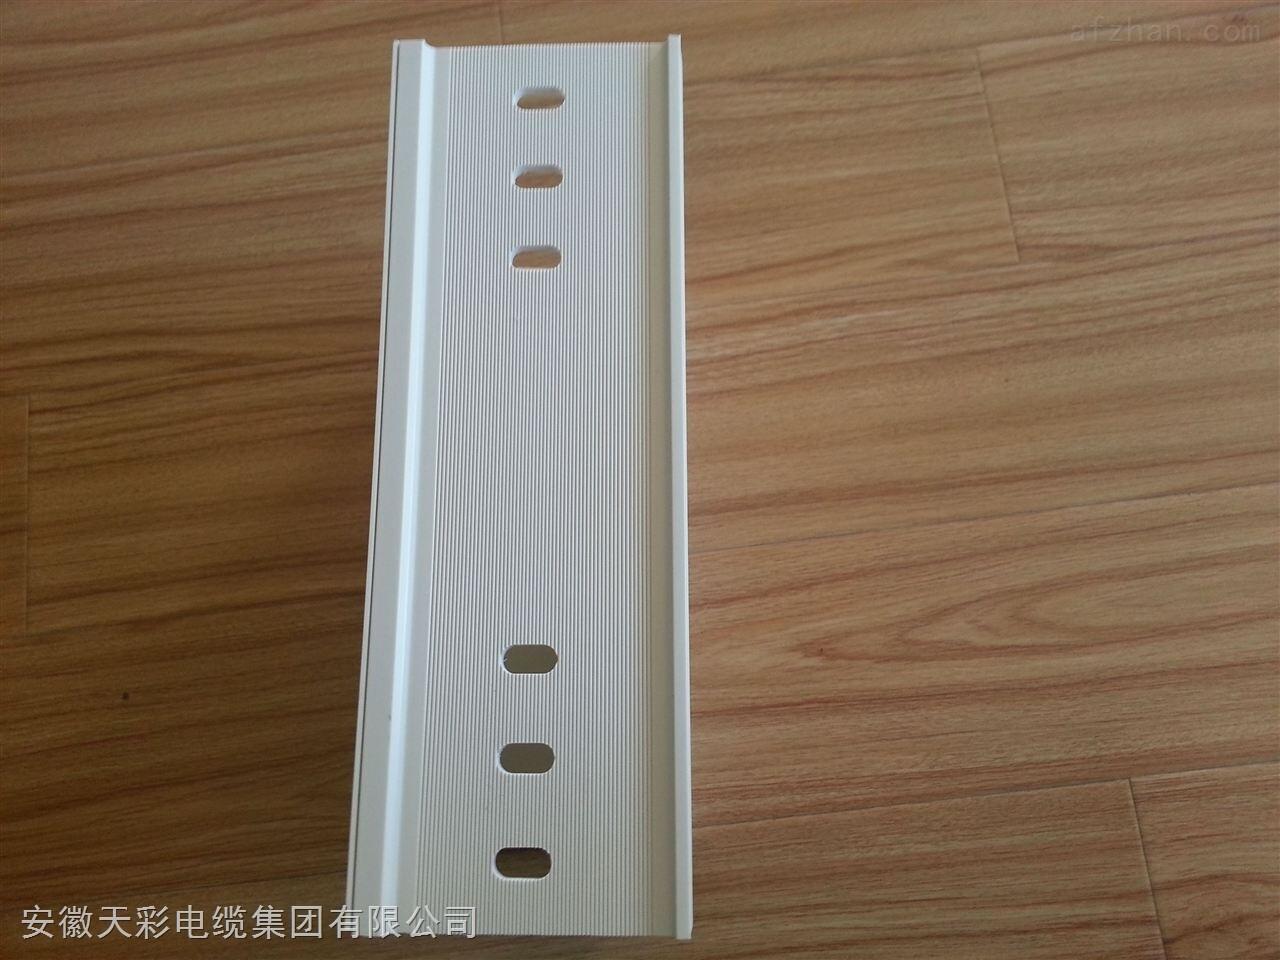 小?9c.?ck???ǒ???B#??_khqj-c-1b-200*200塑钢电缆桥架终端封头